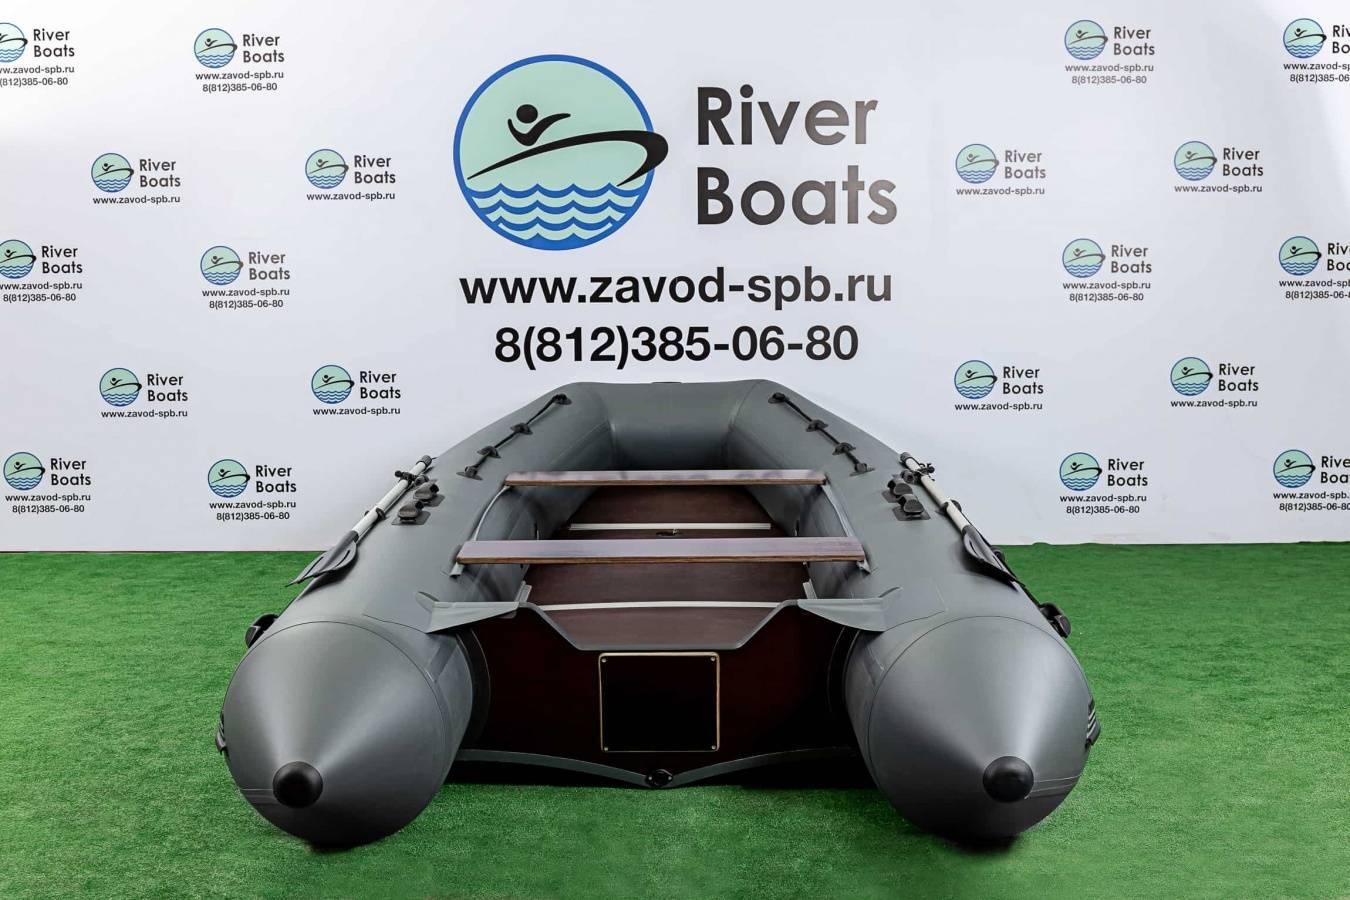 Лодка пвх одноместная - как выбрать, популярные модели, уход